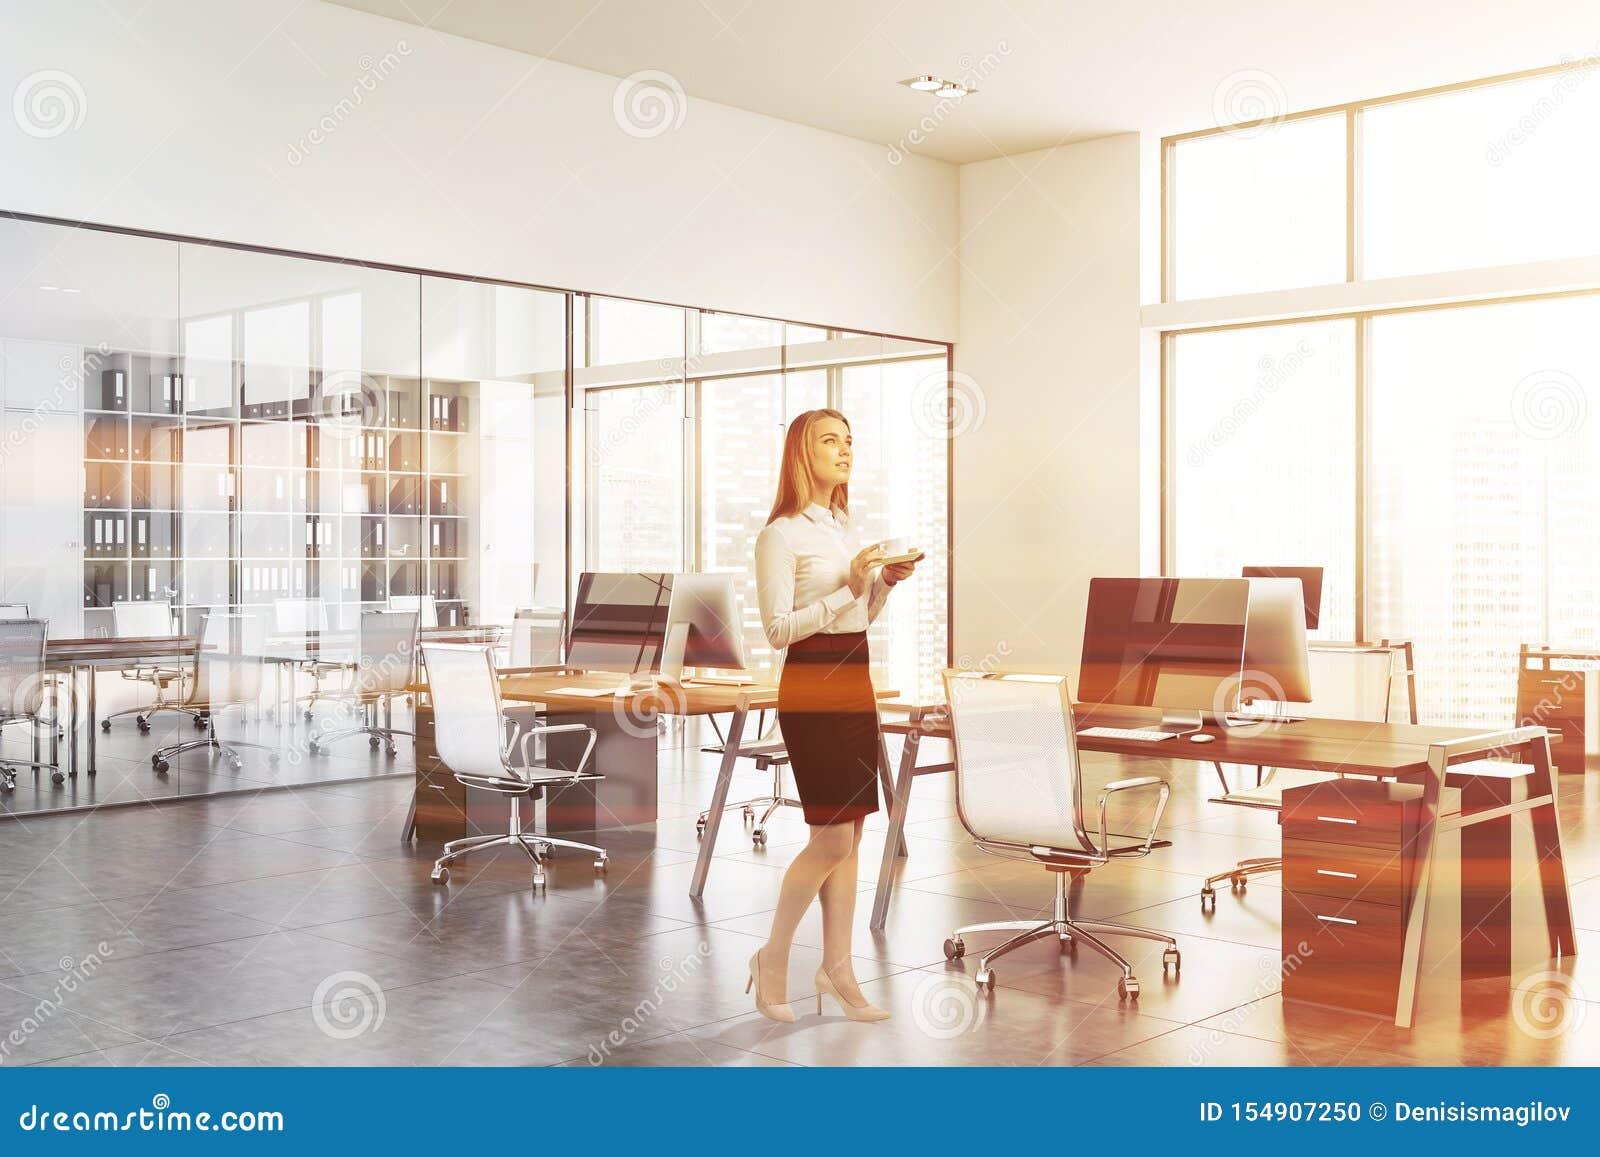 Mulher no escritório branco do espaço aberto com sala de reunião